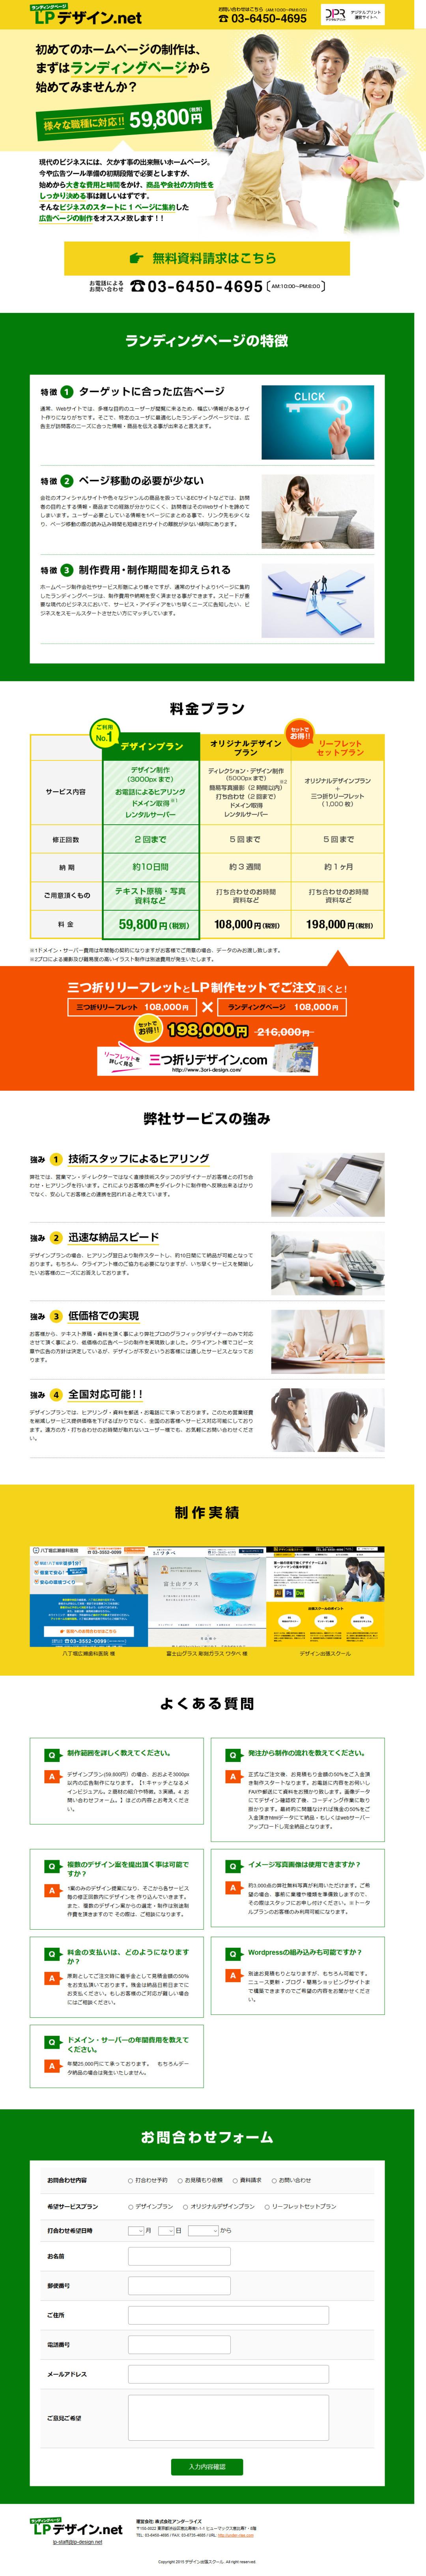 LPデザイン.net